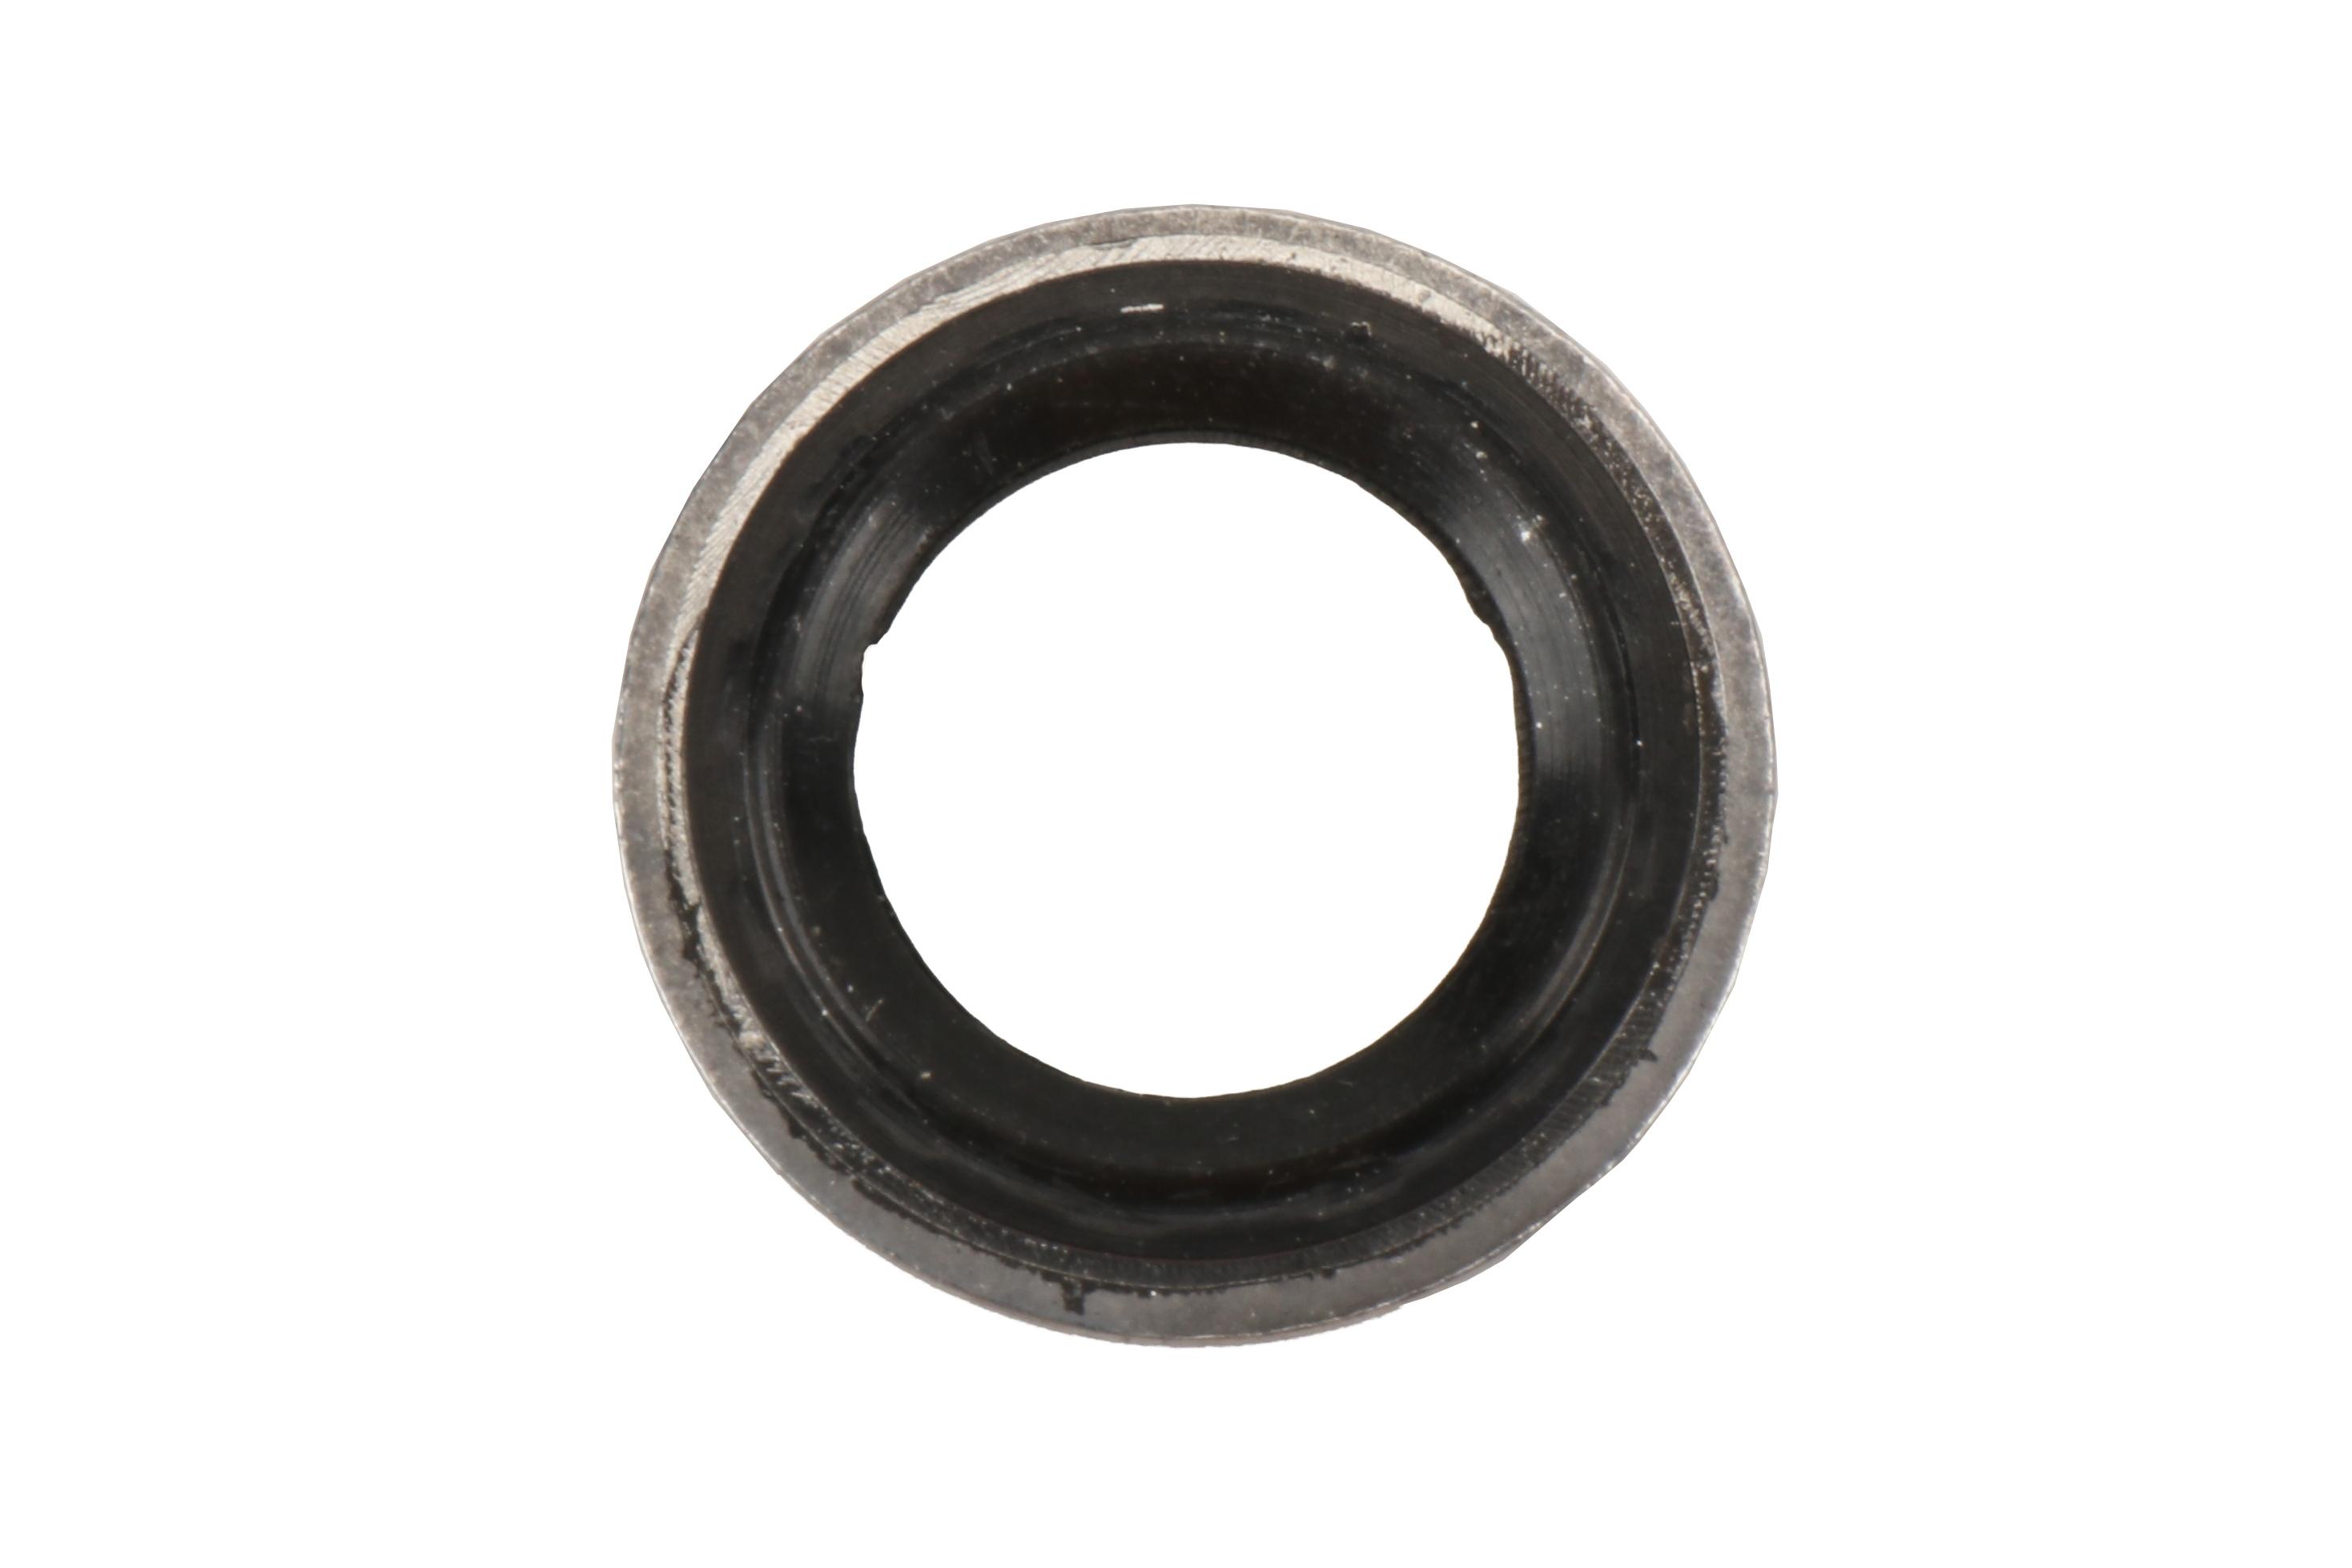 ACDELCO GM ORIGINAL EQUIPMENT - Alternator Cooling Hose Seal - DCB 13579648